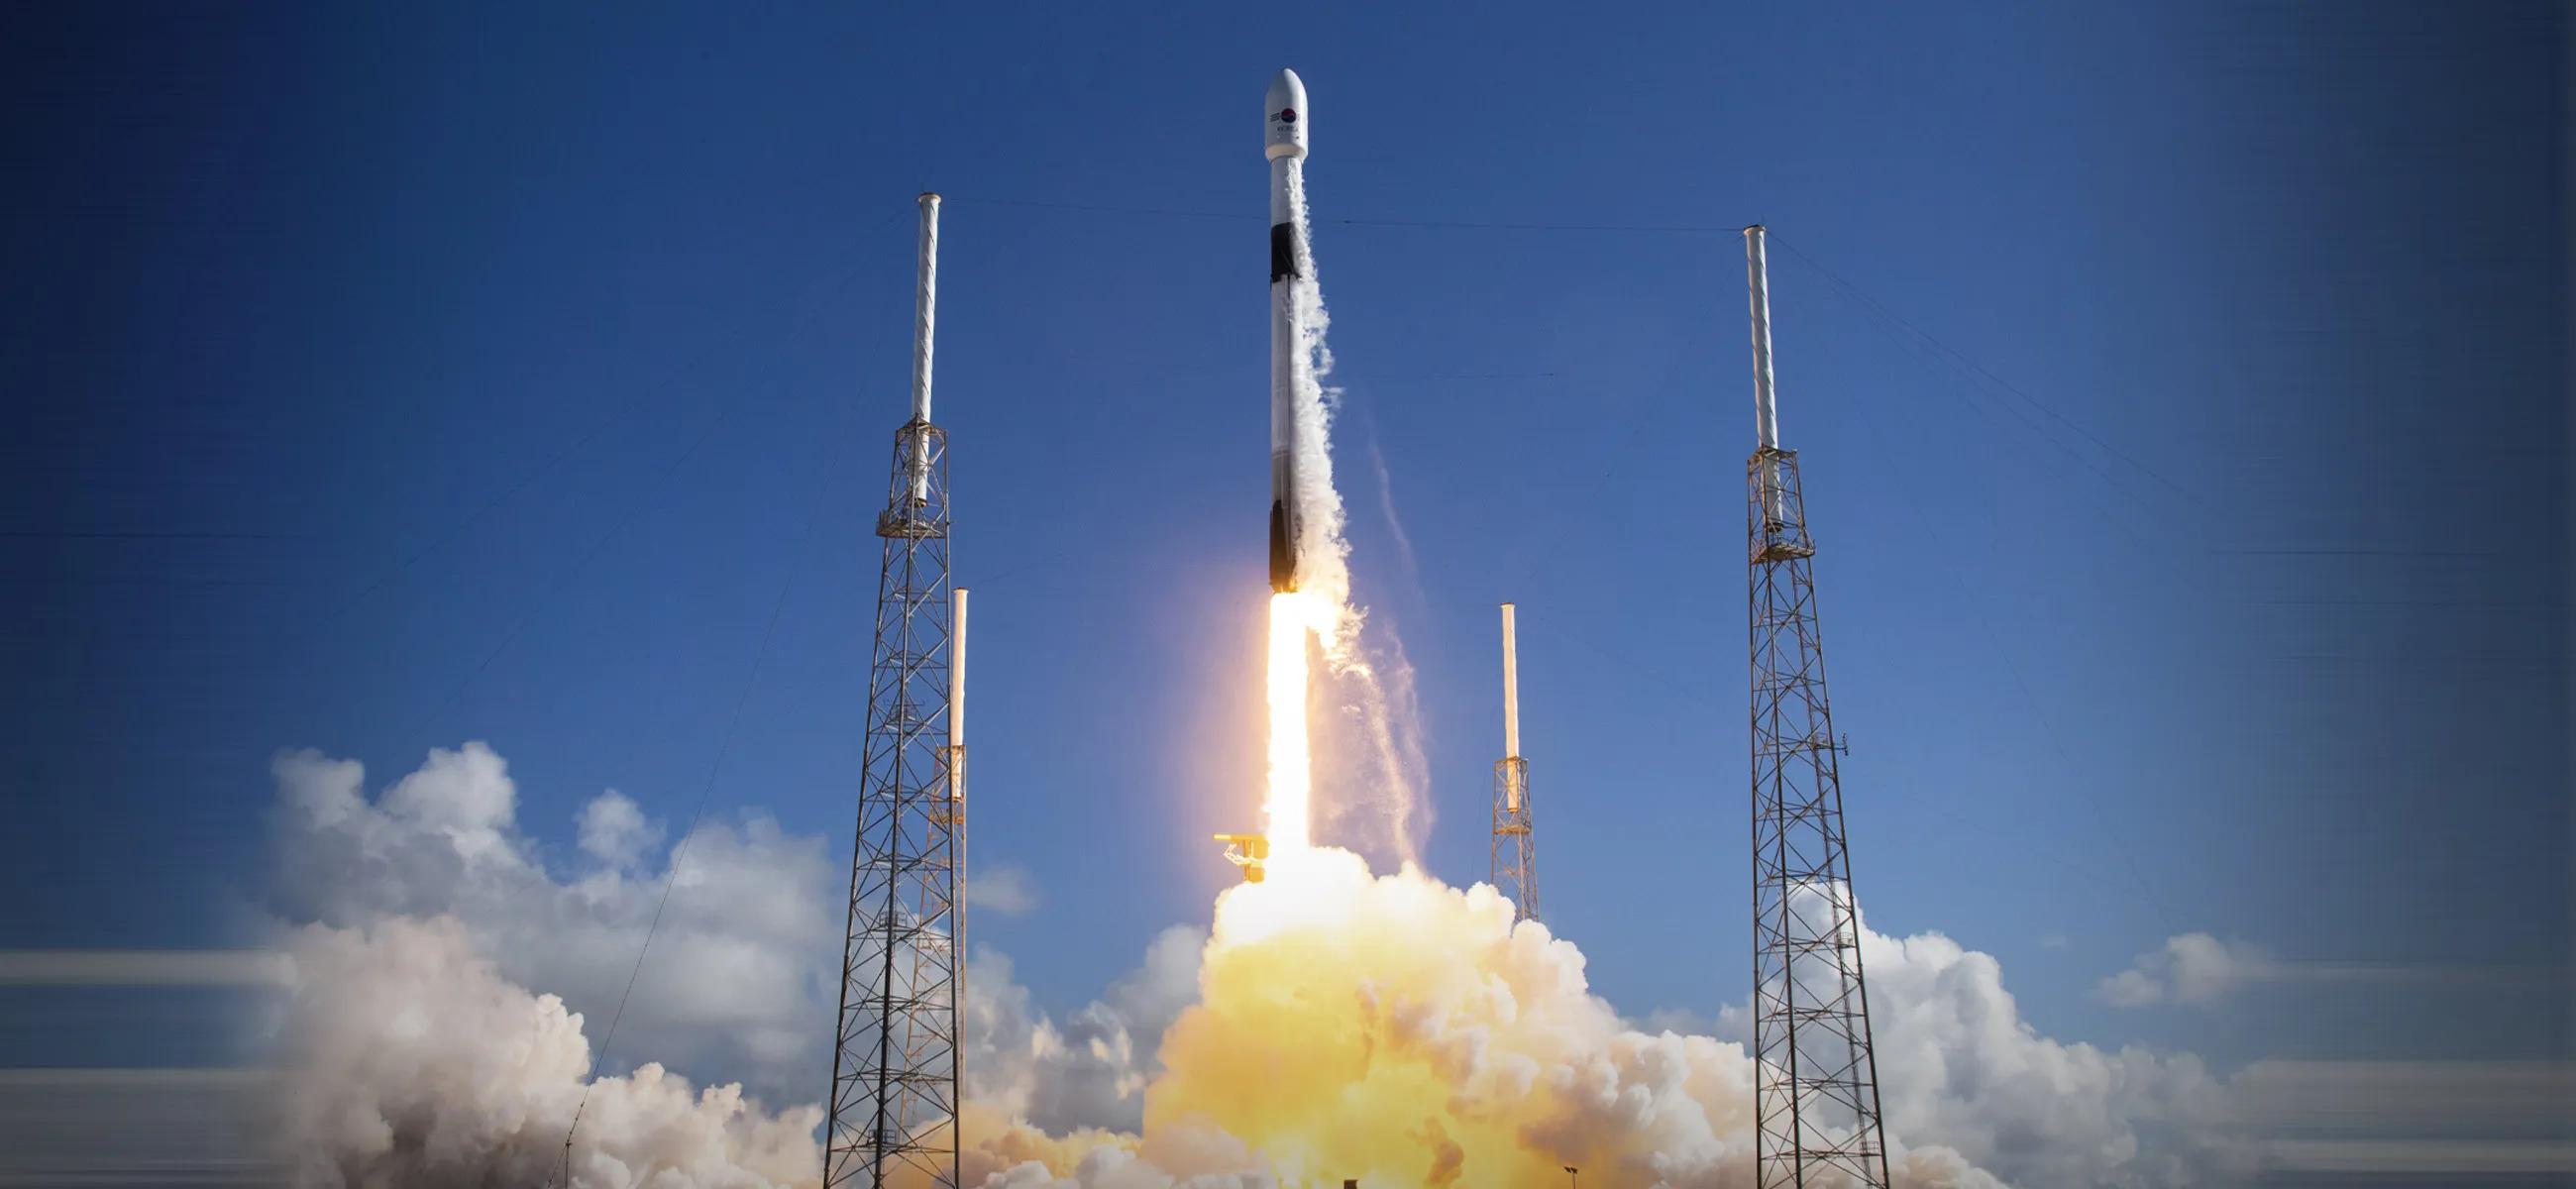 SpaceX e a conquista do espaço - Crédito: spacex.com